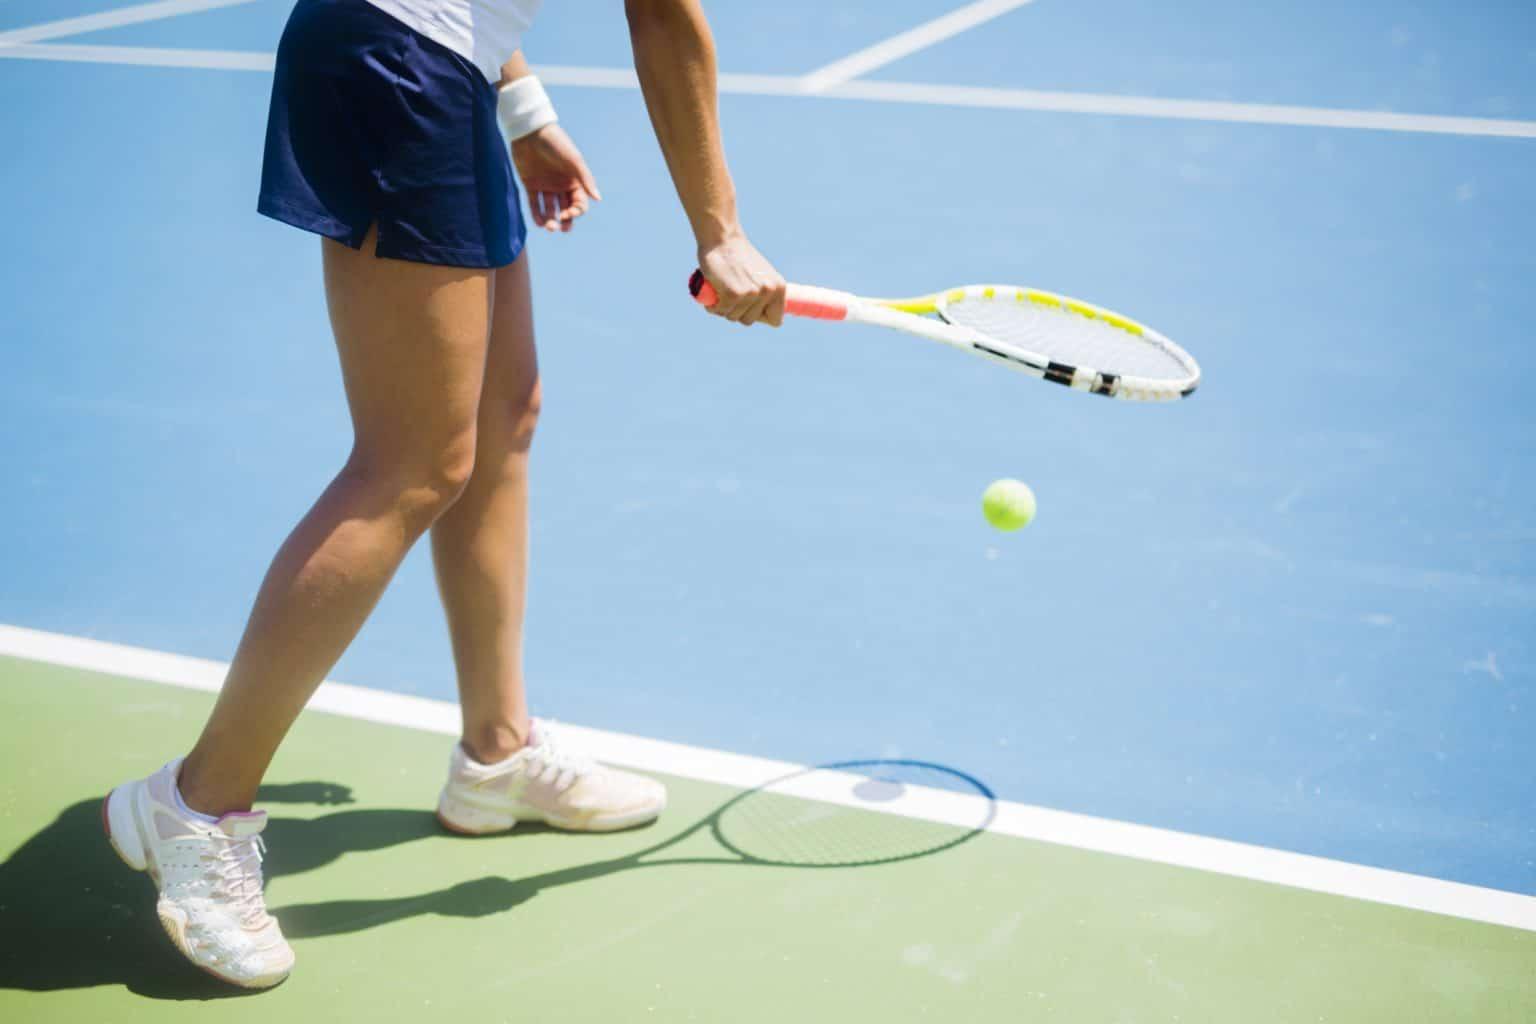 Tênis quicar a bola